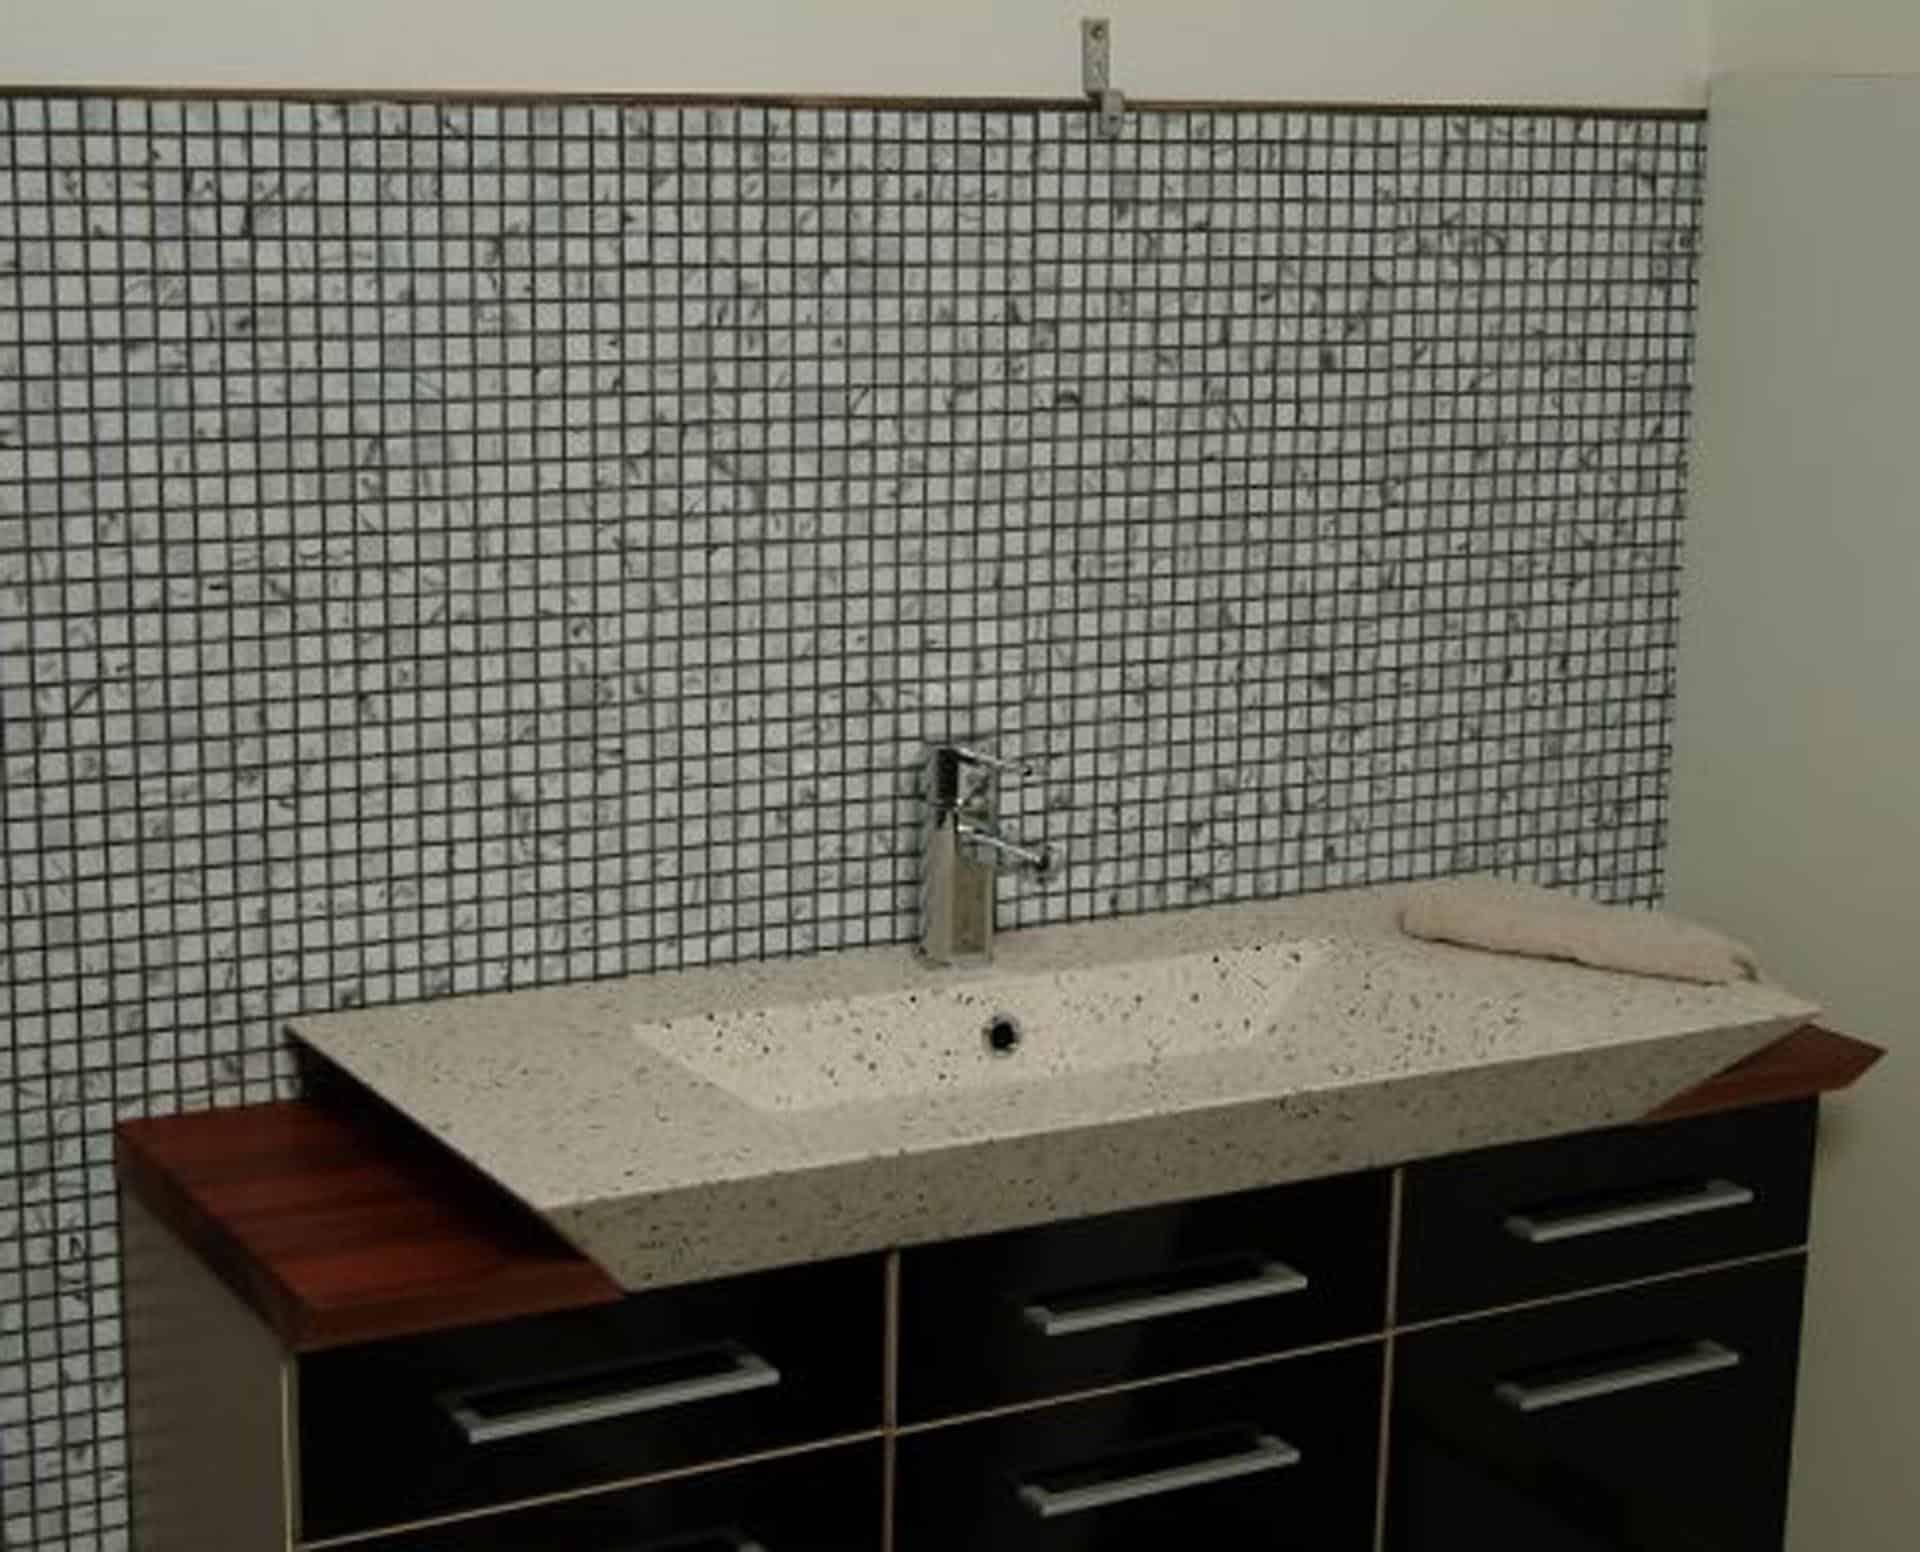 Lækker og simpel beton håndvask, med pæne afrundinger. Farven er i grå - en fantastik flot, moderne og naturlig betonfarve, der passer ind i ethvert badeværelse. Beton tåler ikke stærke rengøringsmidler, eller syreholdige produkter, vi anbefaler derfor at vasken rengøres i pH neutralt rengøringsmiddel. Vasken har målene: 80/100 x 35,5 x 10 cm. Materialet er normal beton som er blevet støbt i en form og bagefter vibreret for at få luftlommer ud af råmaterialet. Vasken kan bruges som fritstående vask - da vasken er flad i bunden er den velegnet til at placere direkte på en bordplade. Vasken er hensynsmæssigt designet med fine rundinger, som både giver vasken et eksklusivt udtryk og gør den rengøringsvenlig. Vasken vedligeholdes med voks - vi anbefaler en behandling med vores egen naturvoks ID12002 et par gange om året for at opnå optimalt look.